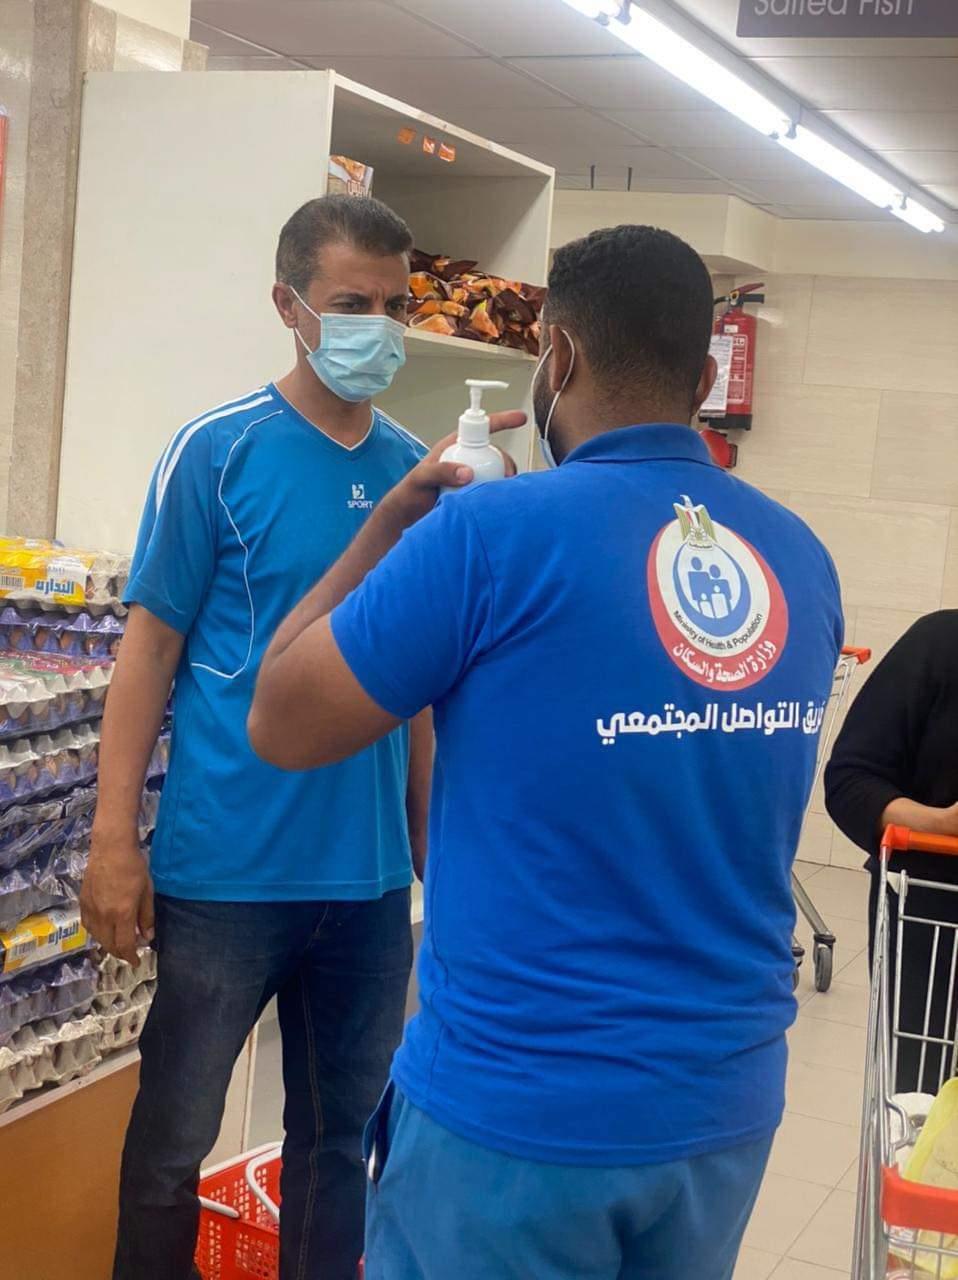 وزيرة الصحة : 27 ألفًا و991 تلقوا لقاح فيروس كورونا بالبحر الأحمر